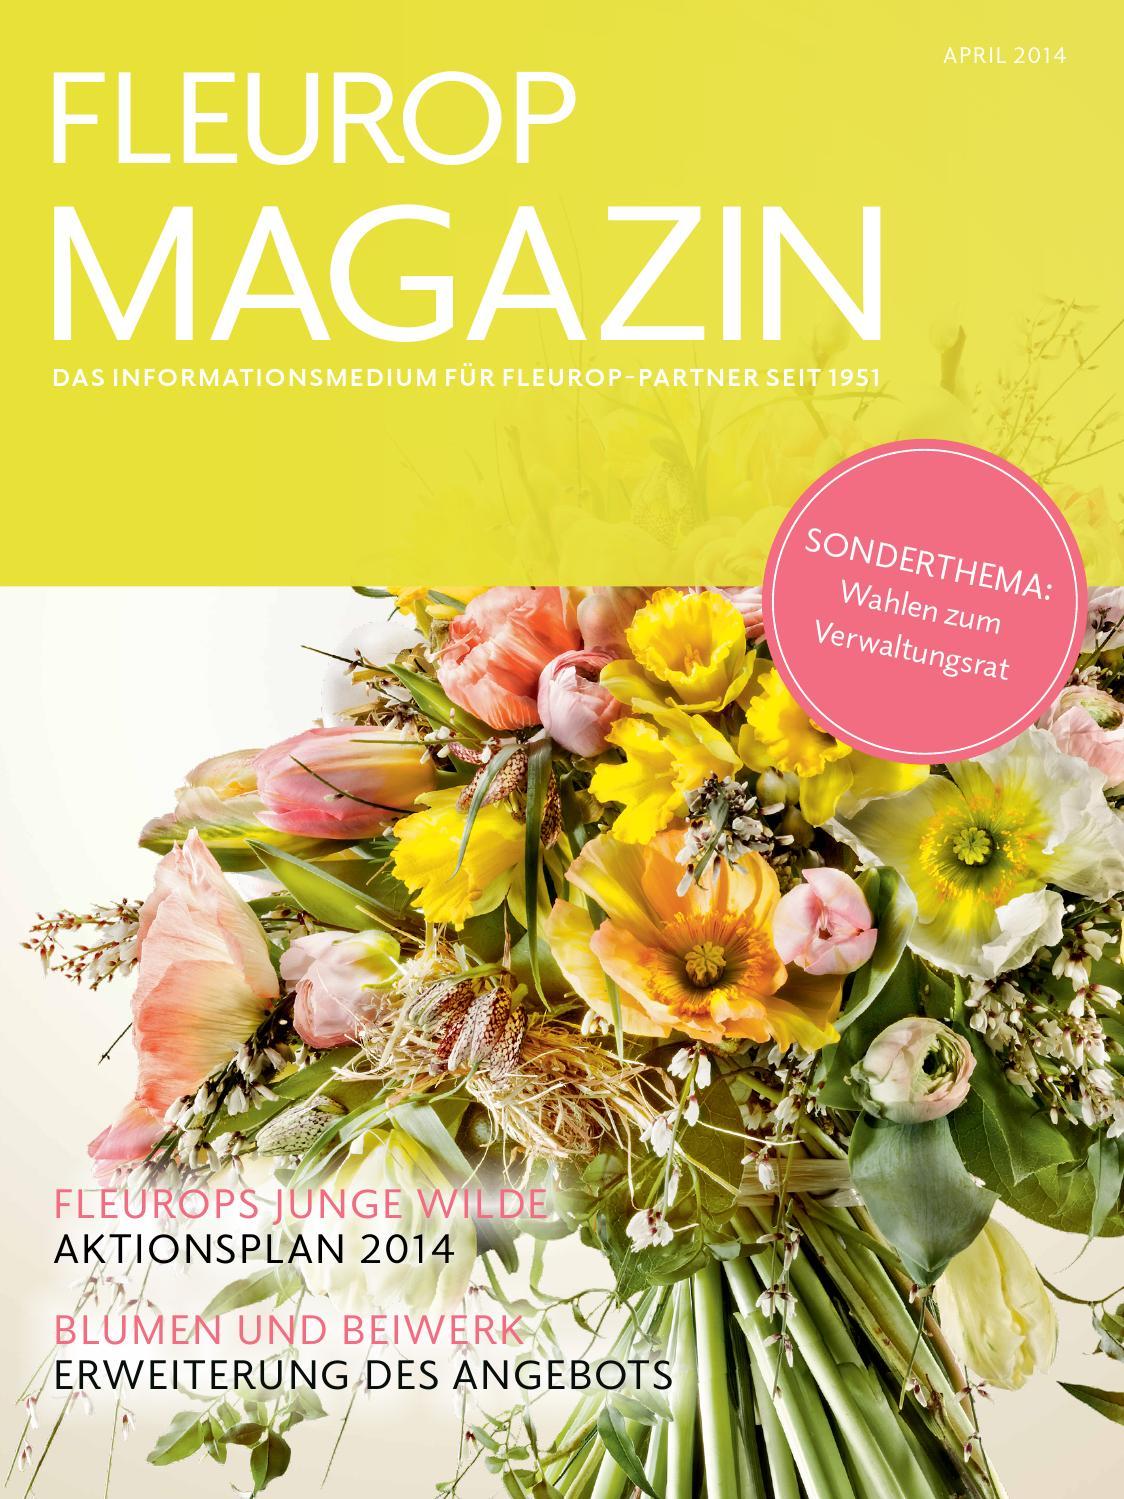 Begeistert Blumenstrauß Nach Wahl Nach 12207 Berlin Garten & Terrasse Blumensträuße